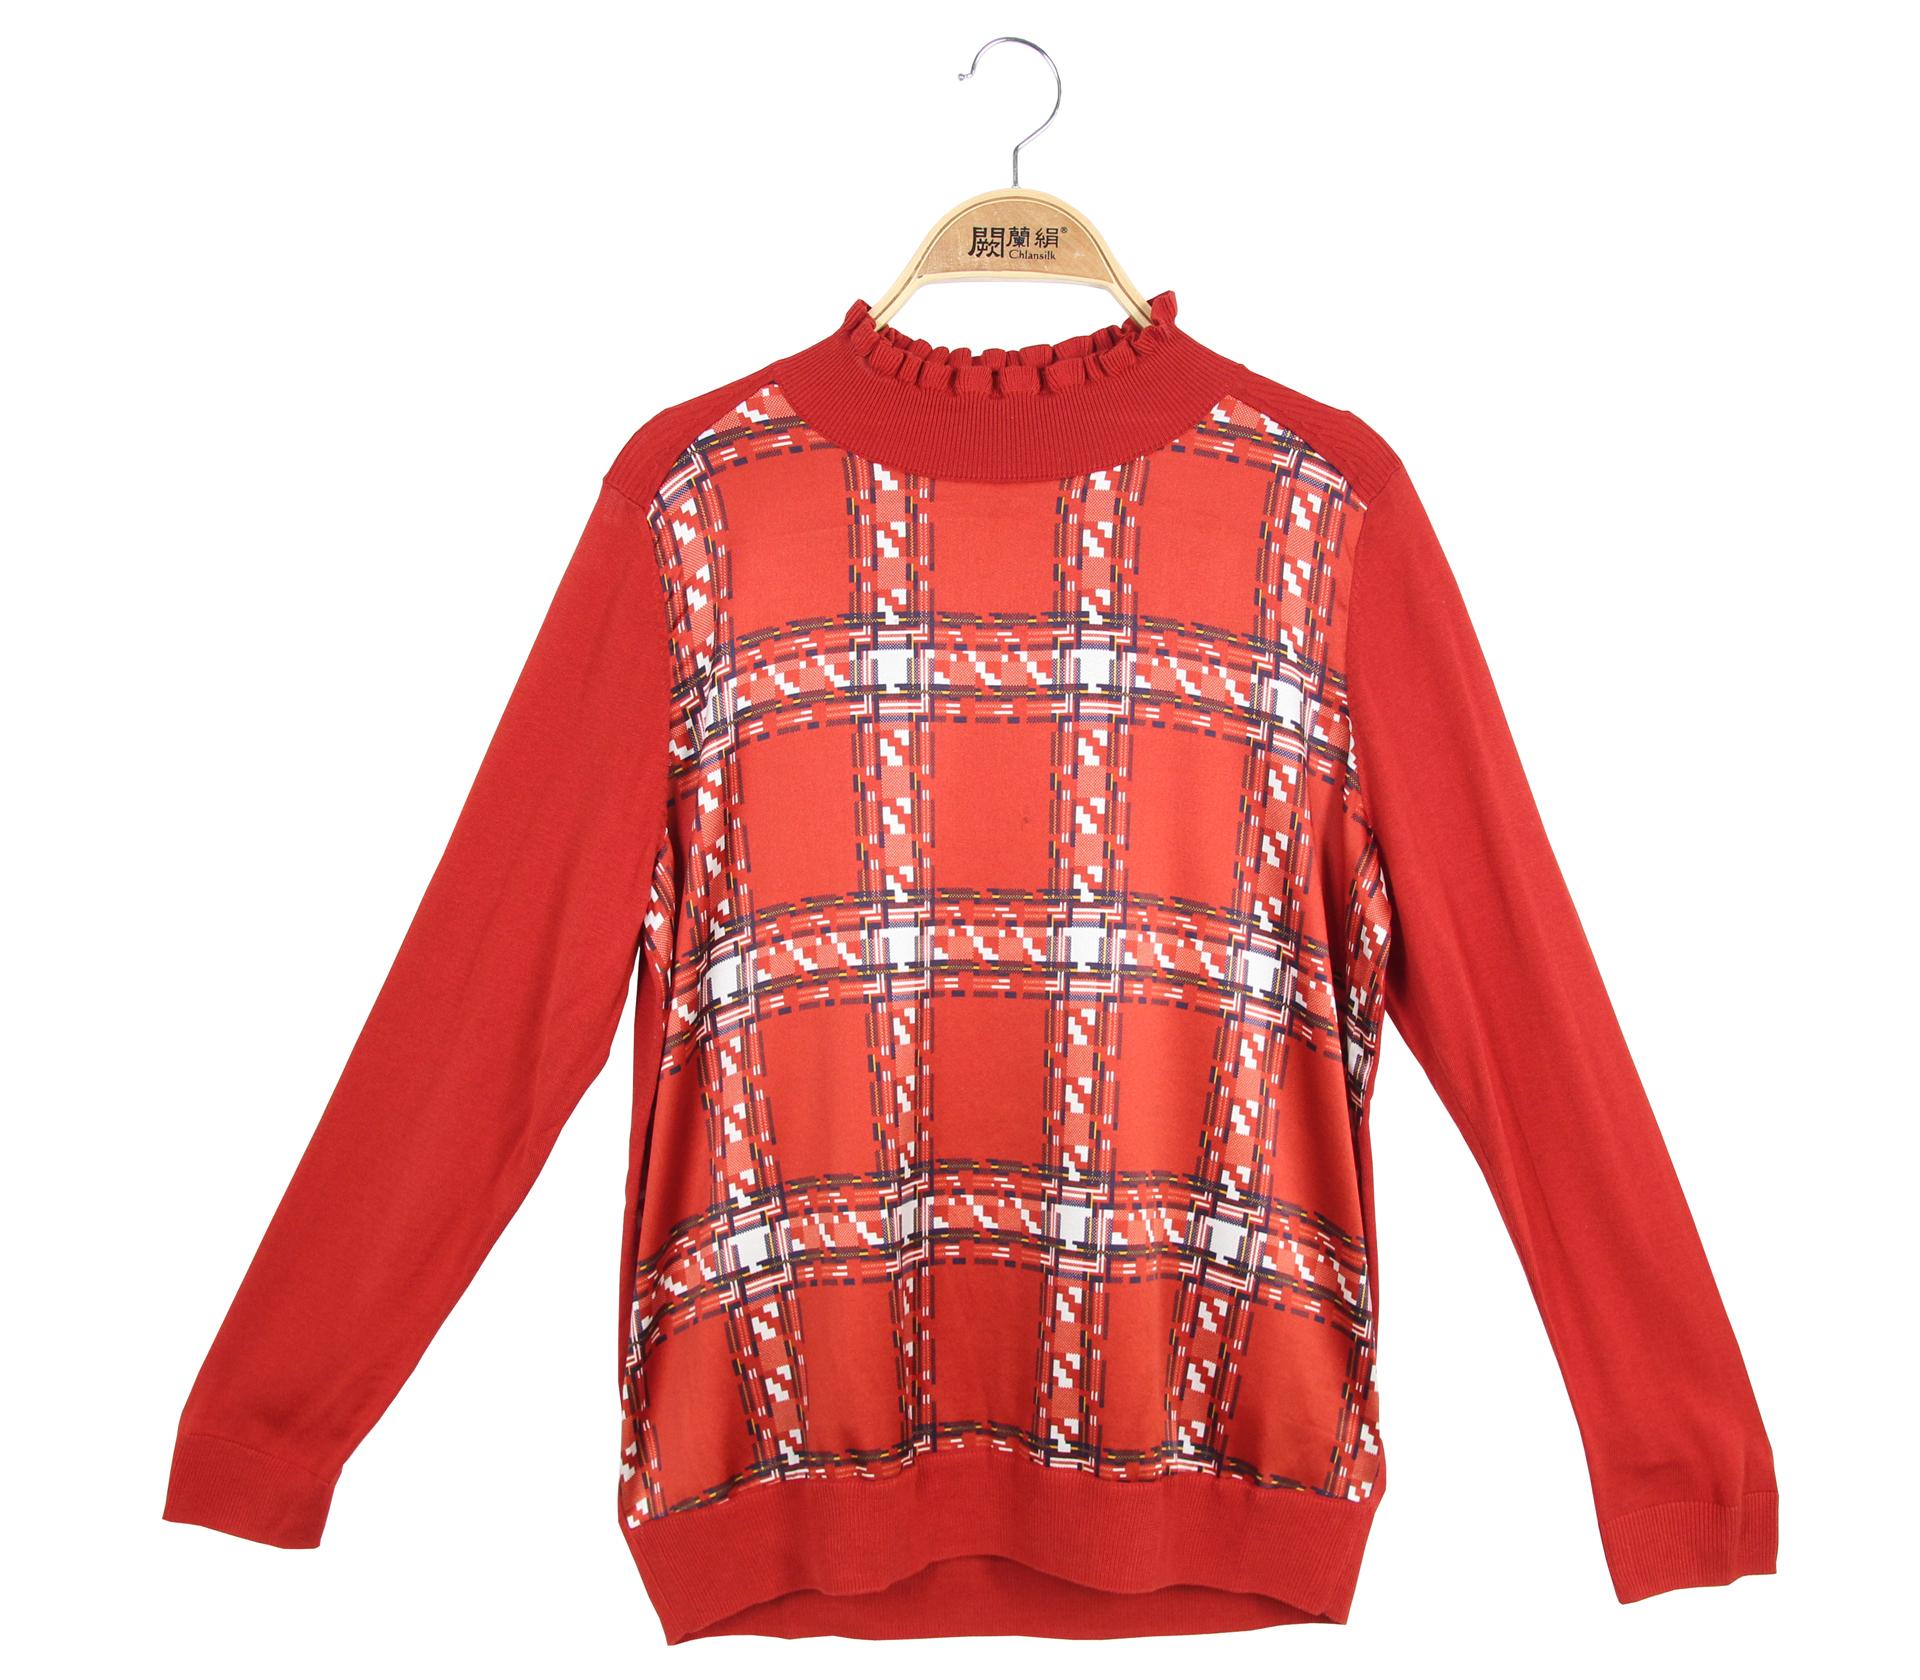 闕蘭絹花邊小領拼接滑布徽章蠶絲針織長袖上衣 - 酒紅色 - 3618